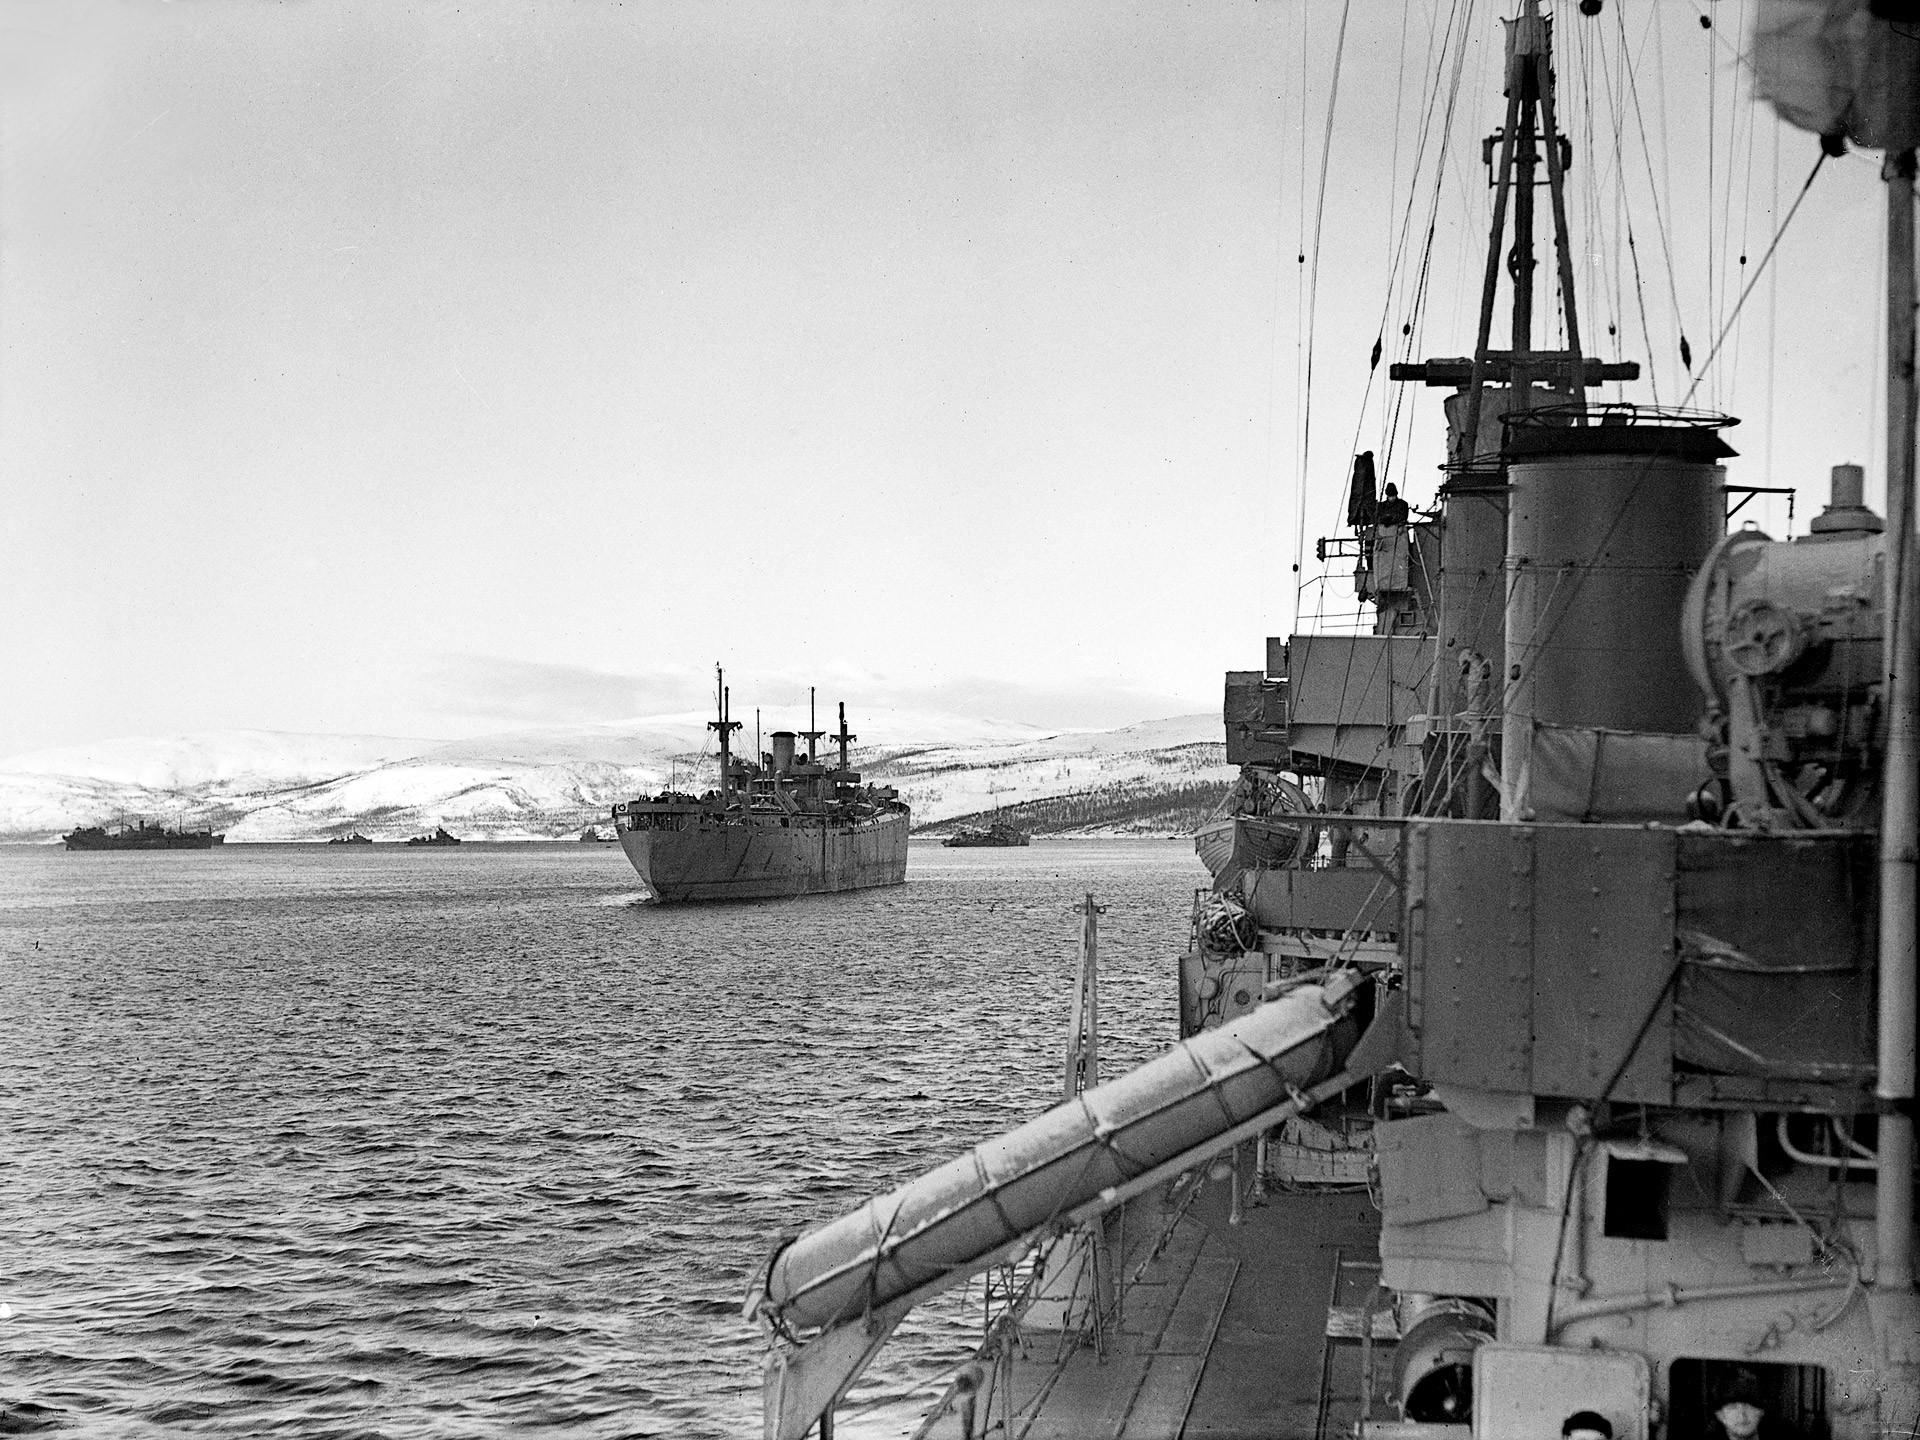 Der Konvoj der RA-53 erreicht die Kola-Halbinsel, 1. März 1943